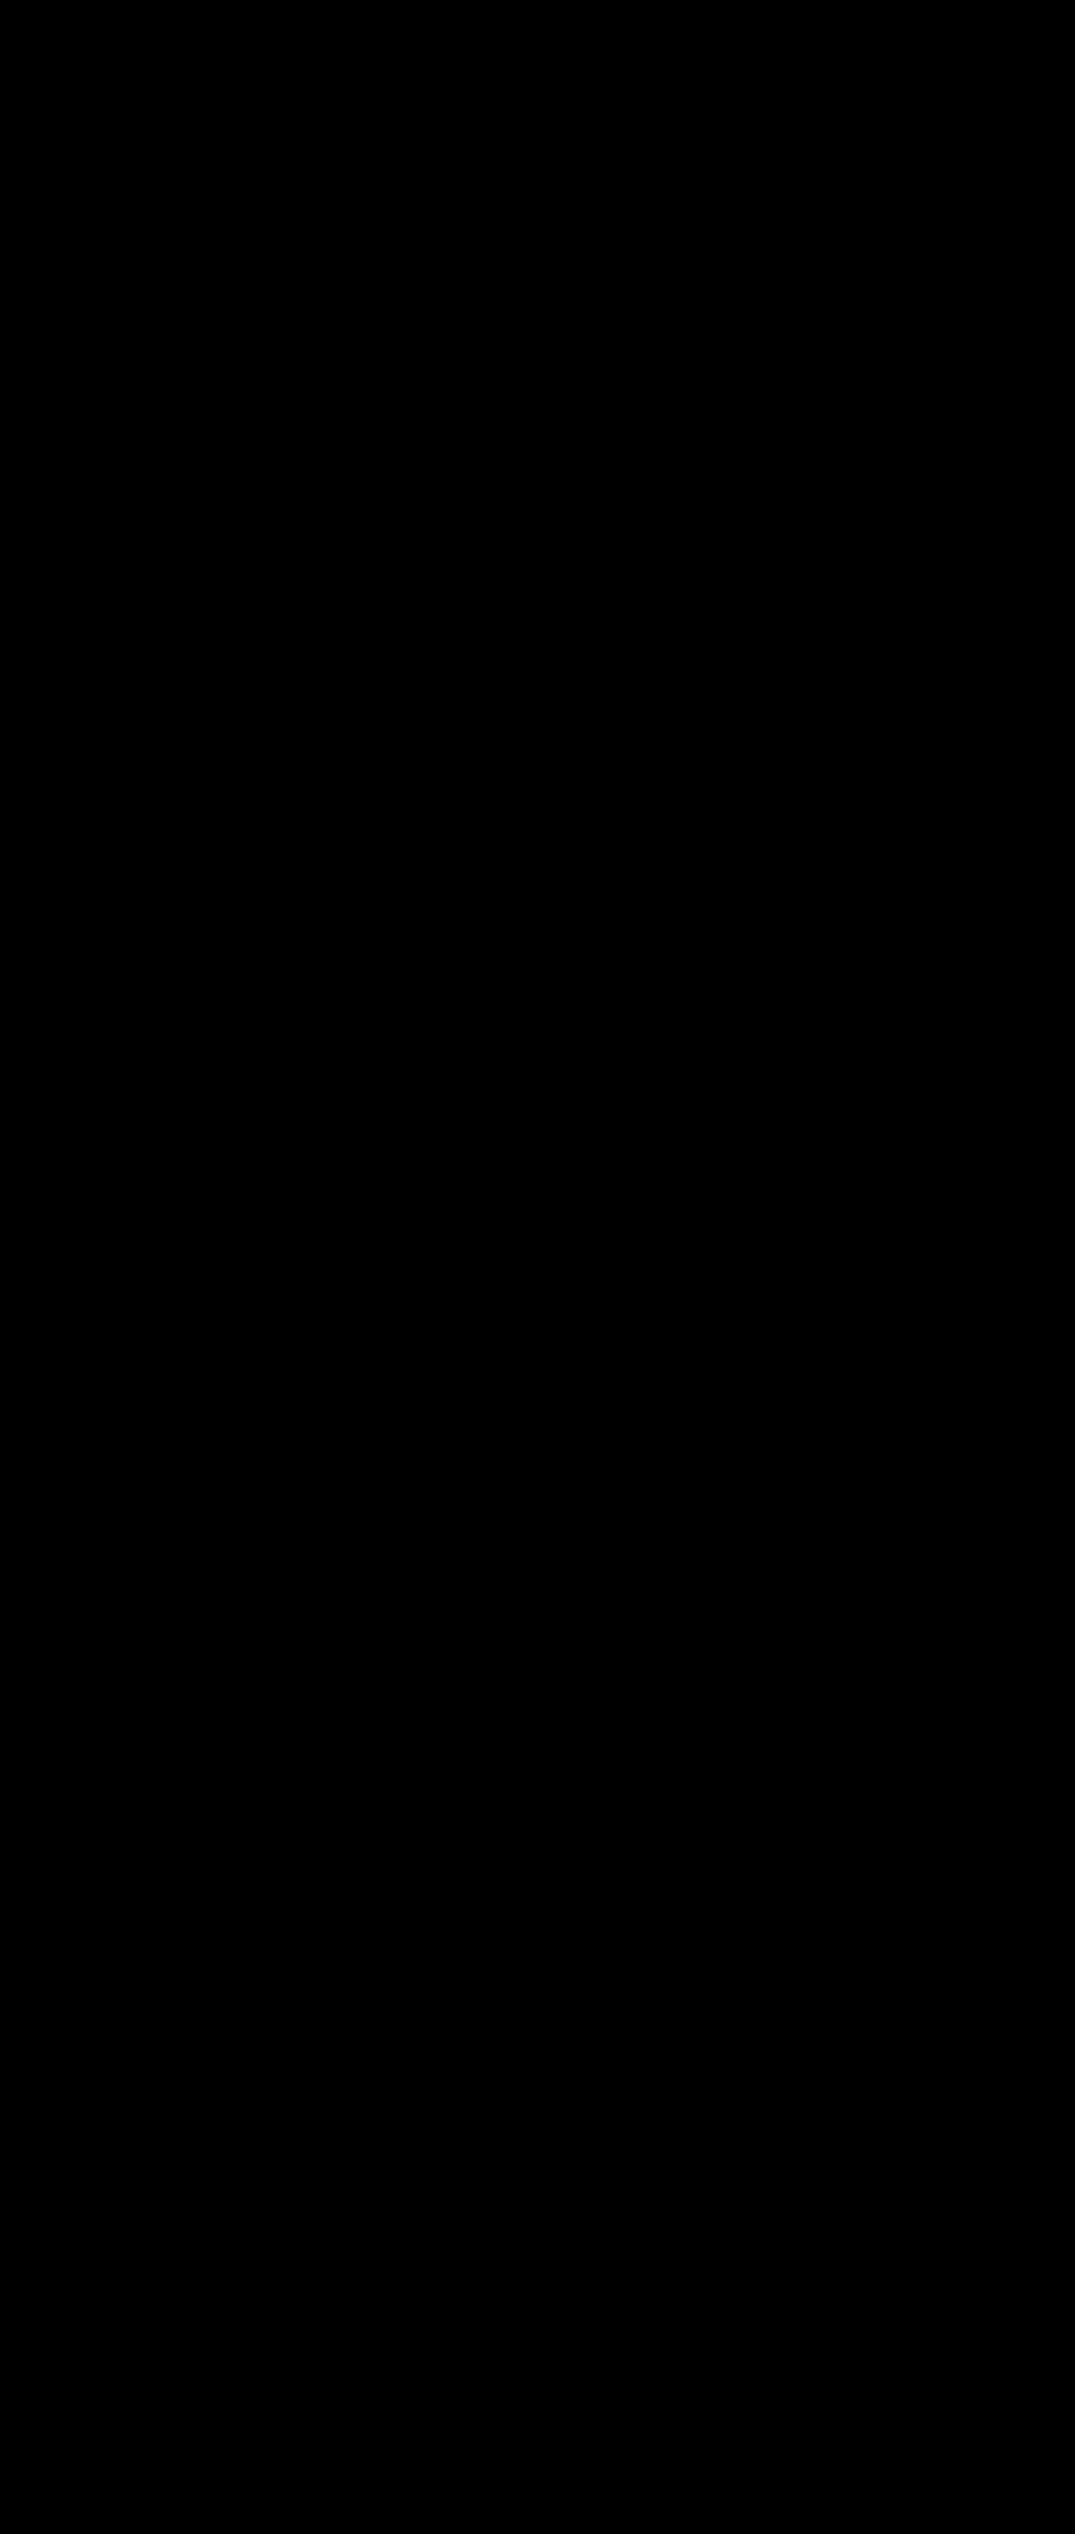 Kachelofenschrank aus Schweden mit Putten als Motiv